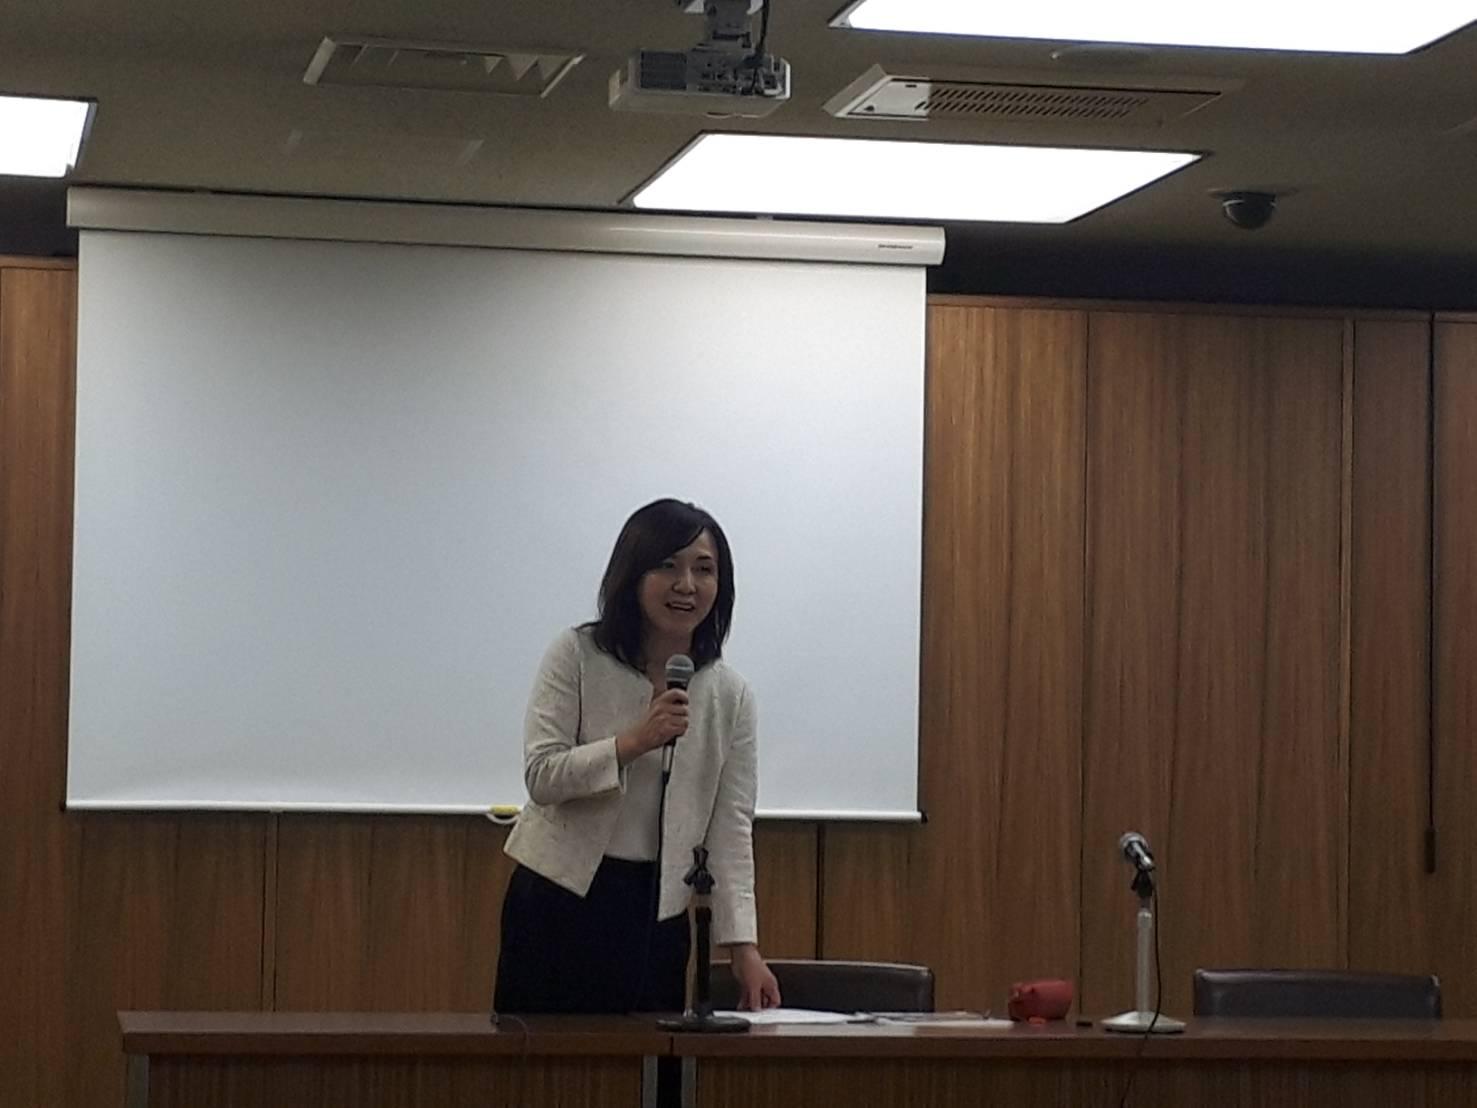 議員活動における会話力向上について・関西若手議員の会@奈良市議会